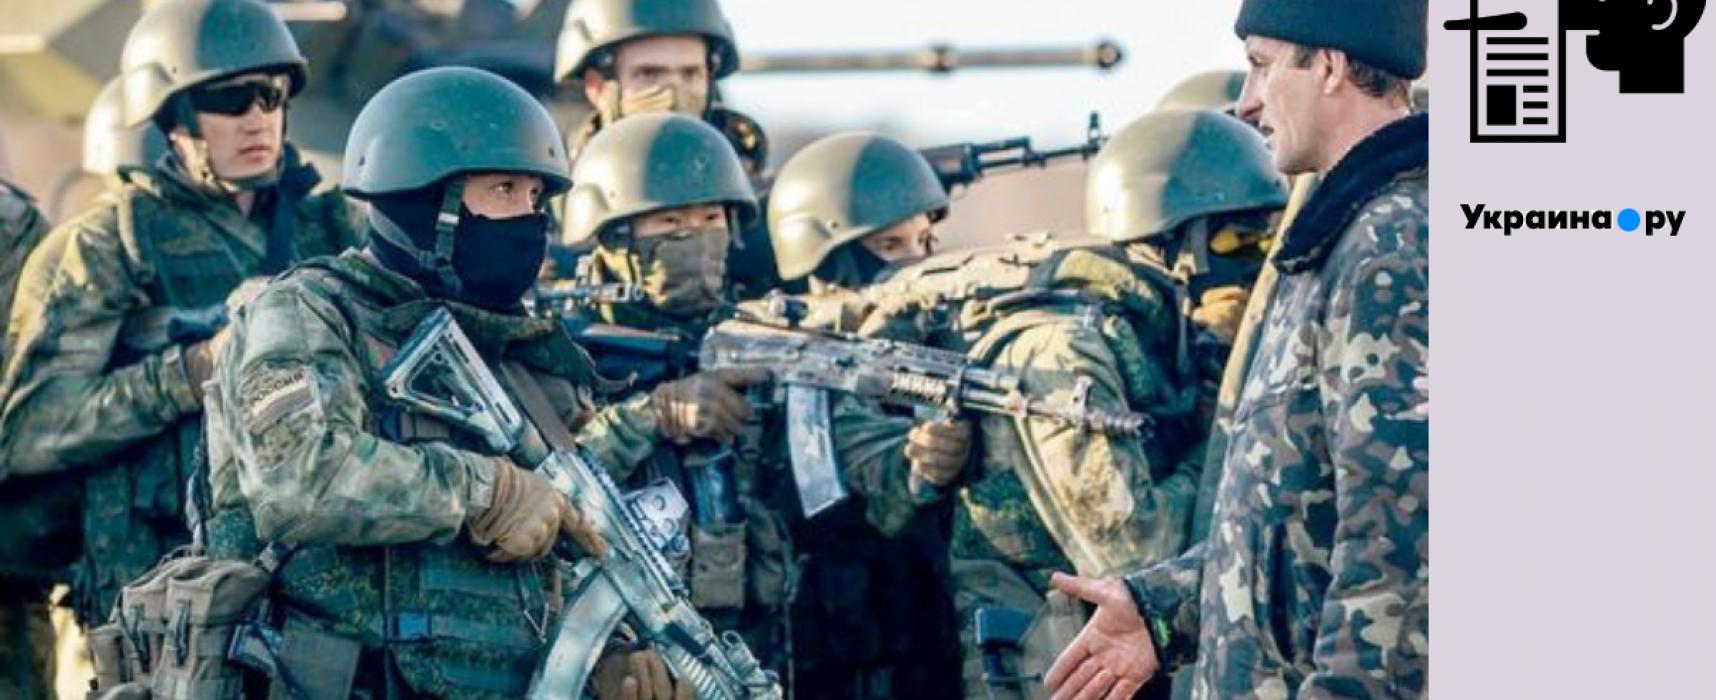 Fake: Stellvertretende Ministerin will Krim mit Hilfe der Armee zurück erobern